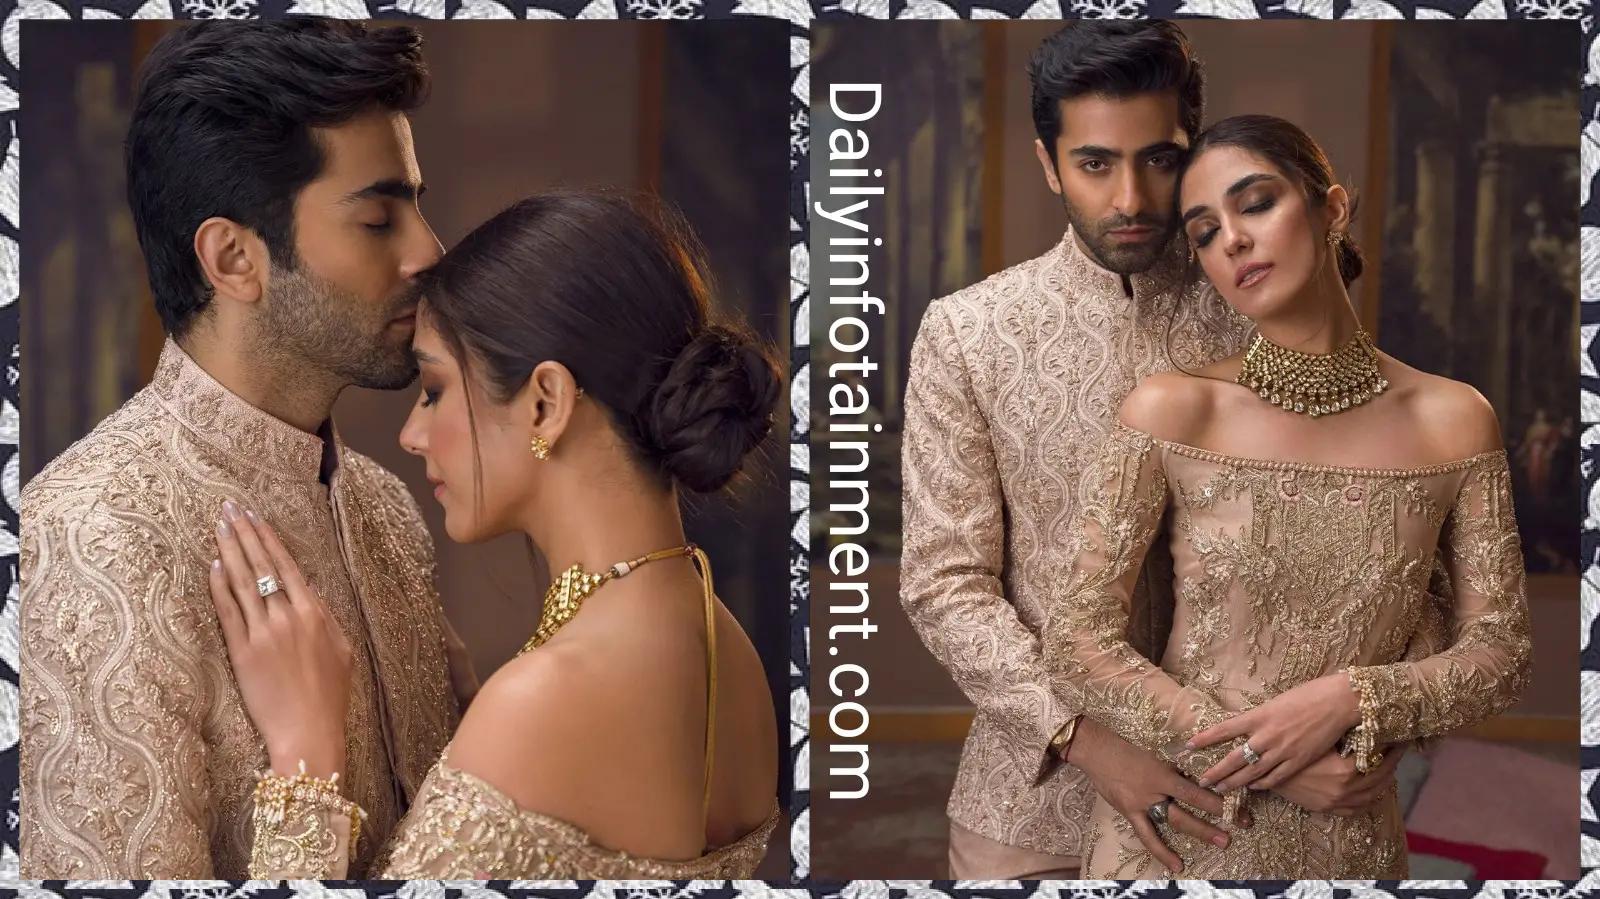 Maya Ali and Sheheryar Munawar Stunning Photoshoot for Faiza Saqlain New collection Yaar e Man